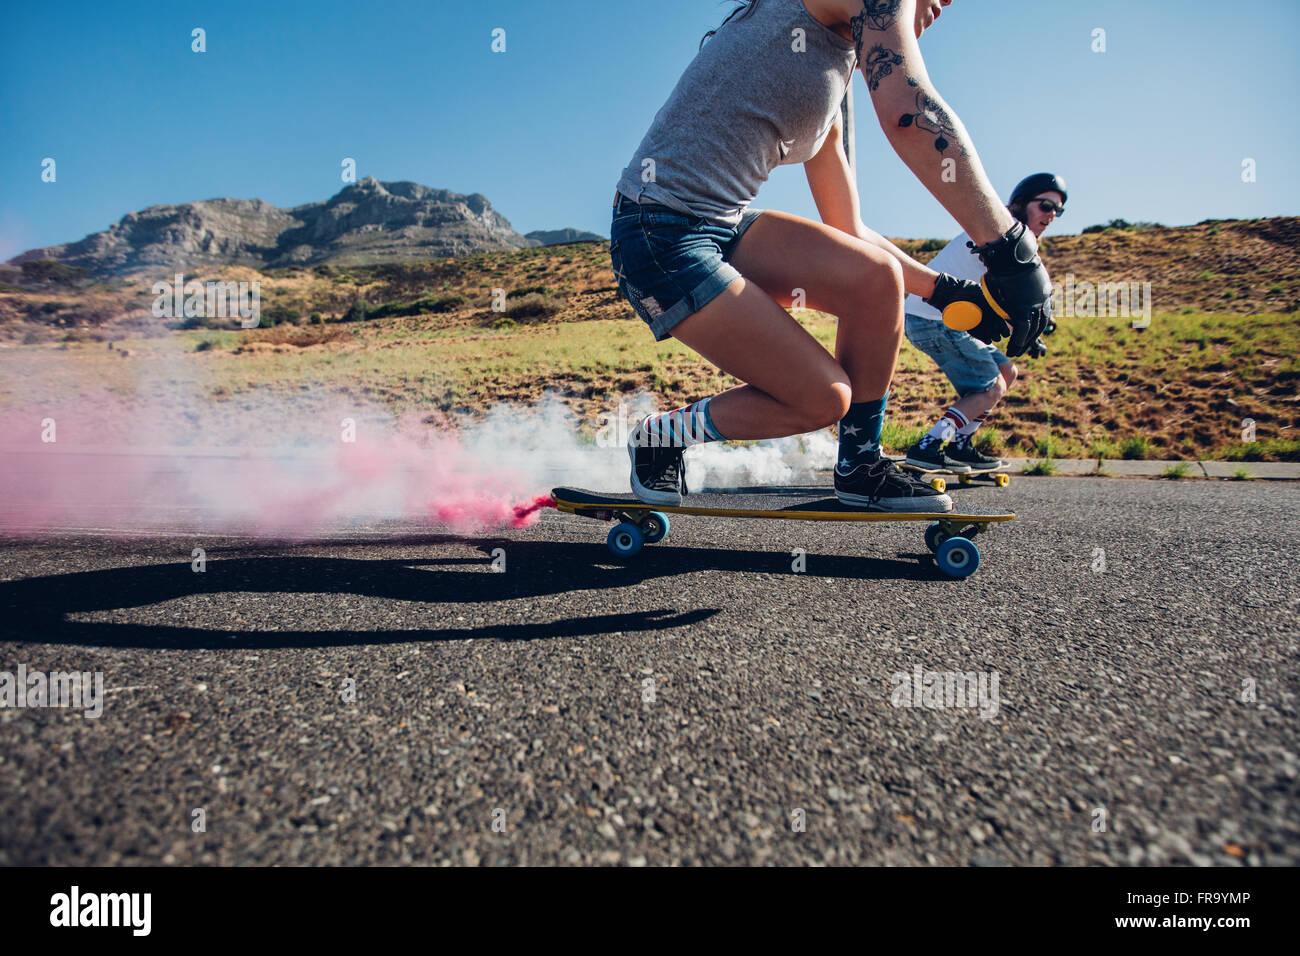 L uomo e la donna surf lungo la strada. Vista laterale dei giovani praticare pattinaggio all'aperto sulla strada. Immagini Stock